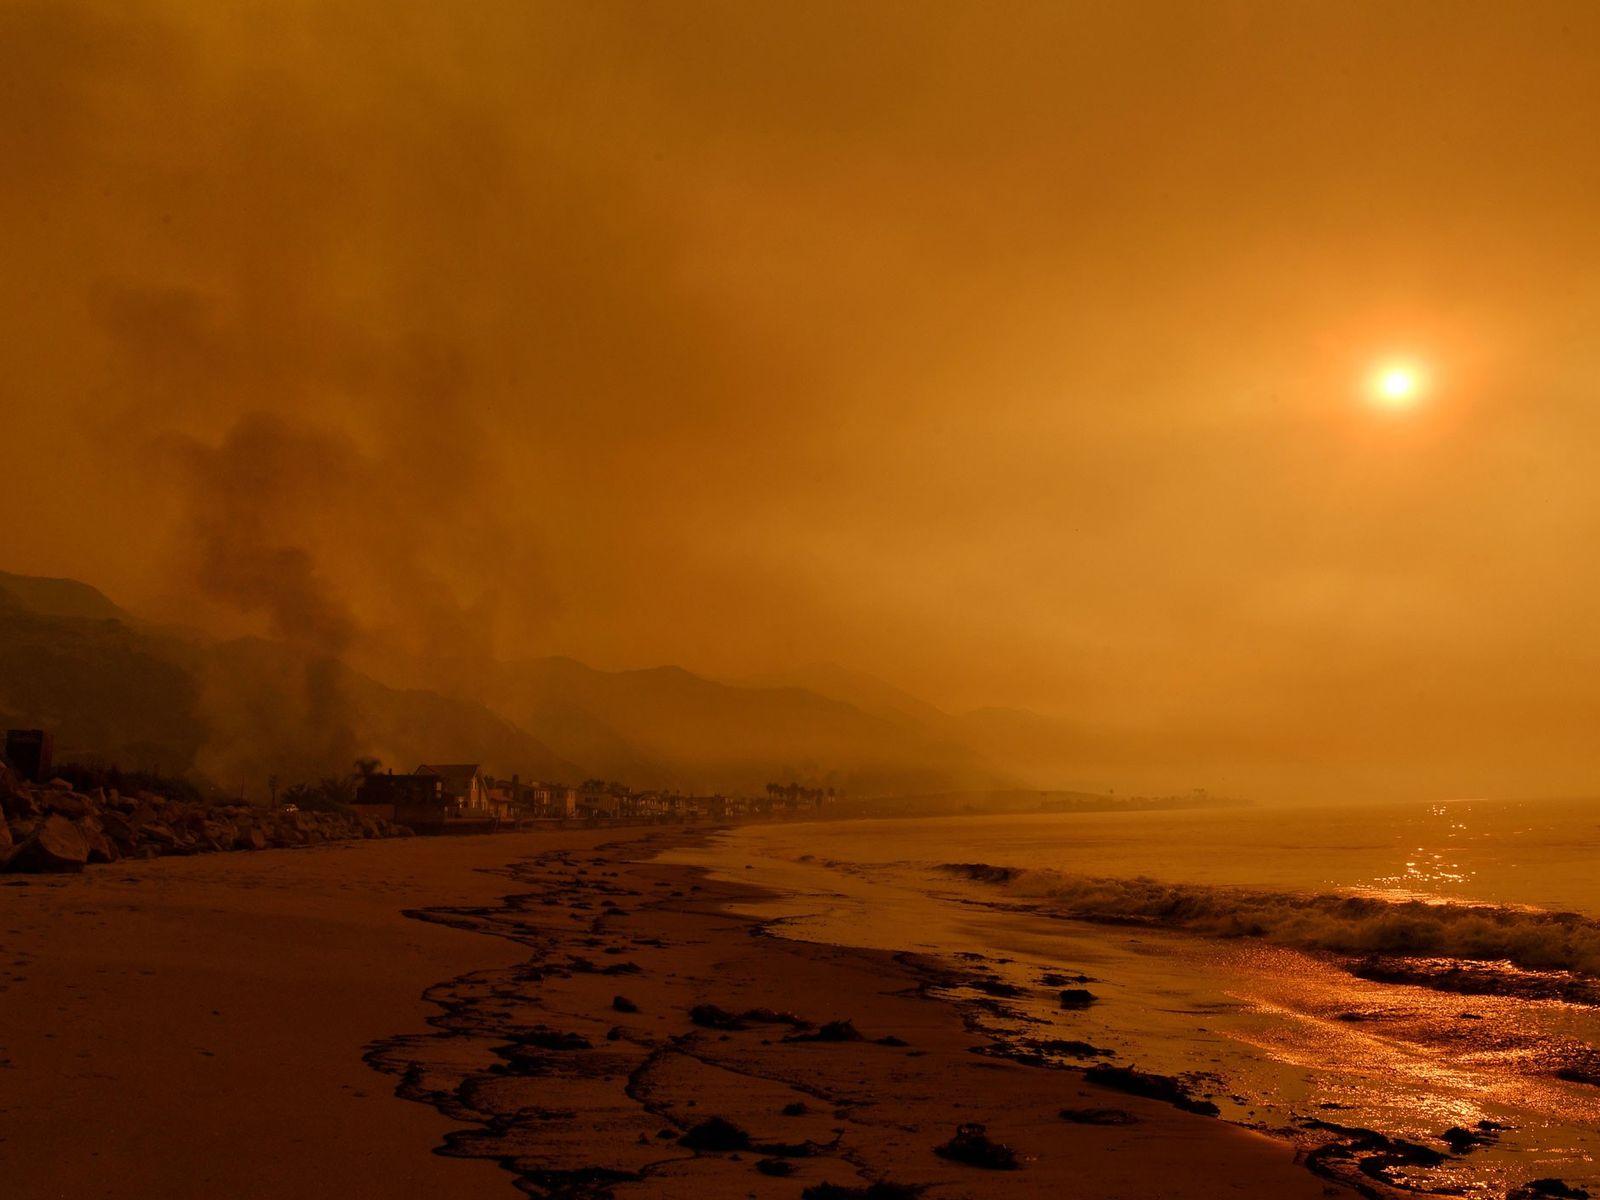 Fumaça encobre Mondos Beach, perto de Ventura, Califórnia, em 2017. Golfinhos e botos que nadam perto ...